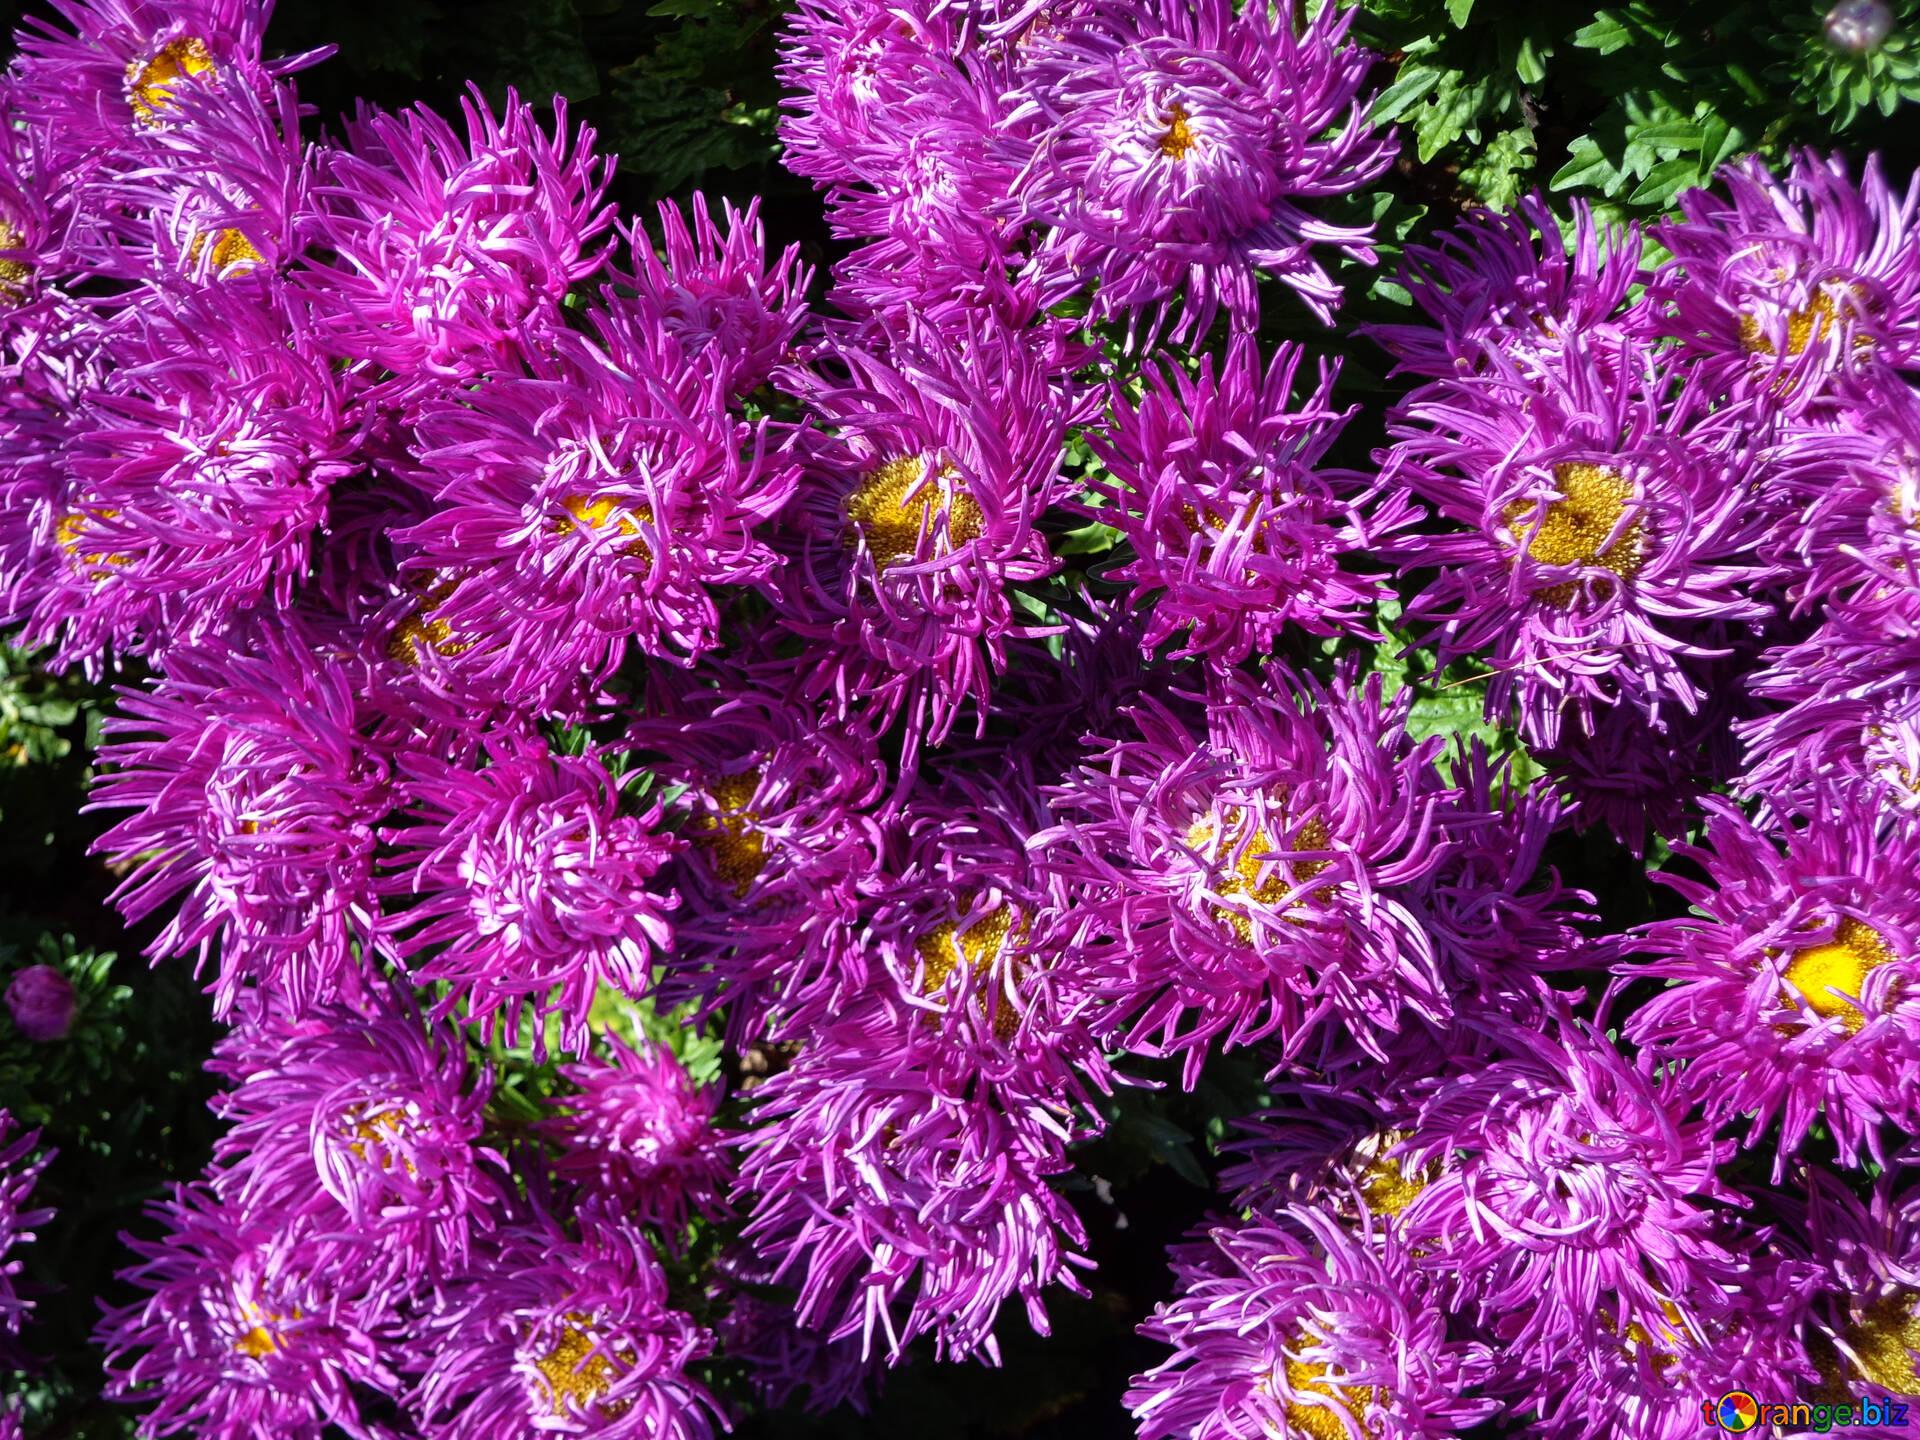 как цветы астра контраст фото картинку-превьюшку, чтобы скачать